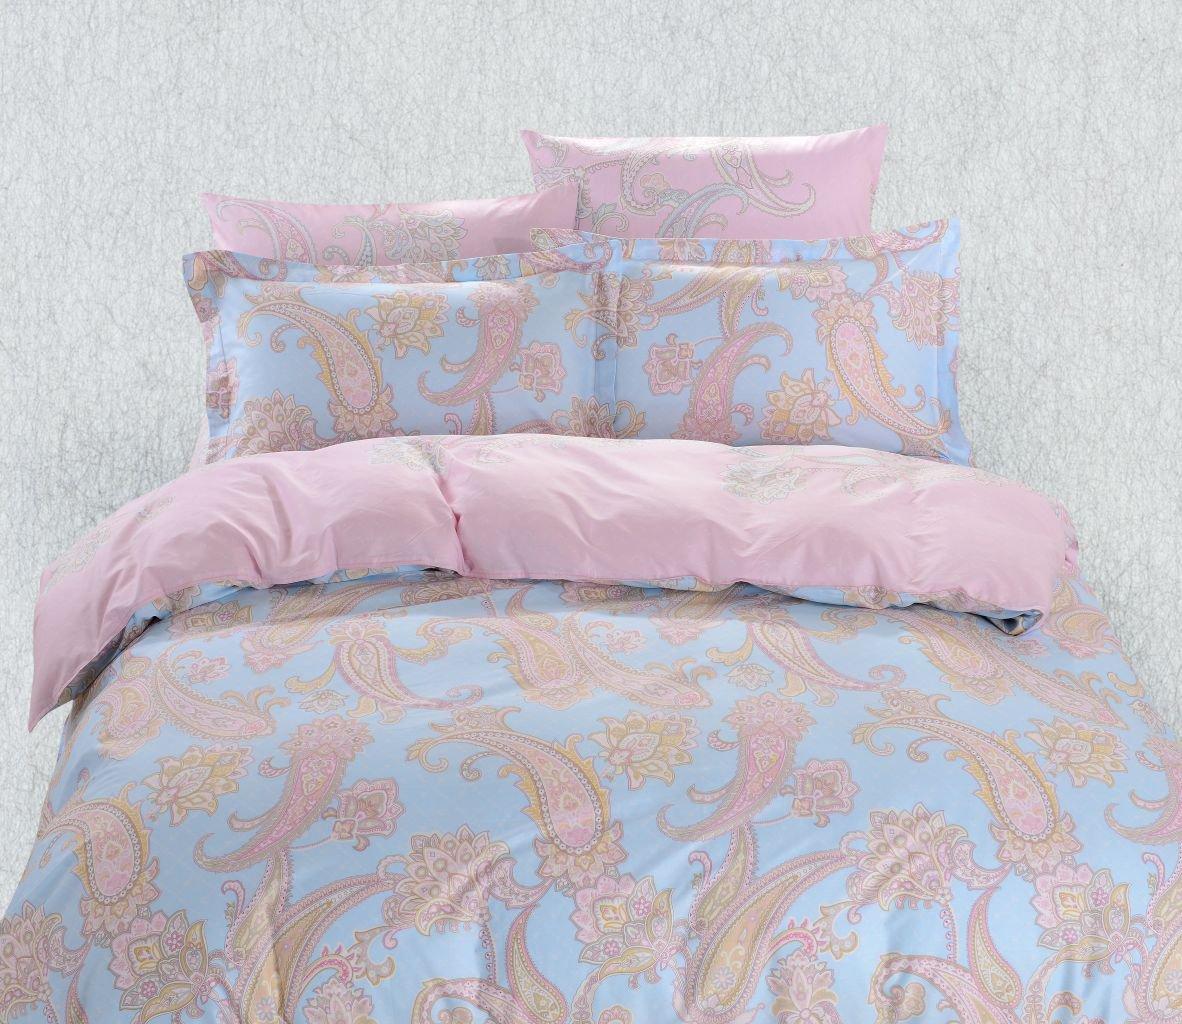 Duvet Cover Set Luxury Queen Bedding Dolce Mela Dm616q